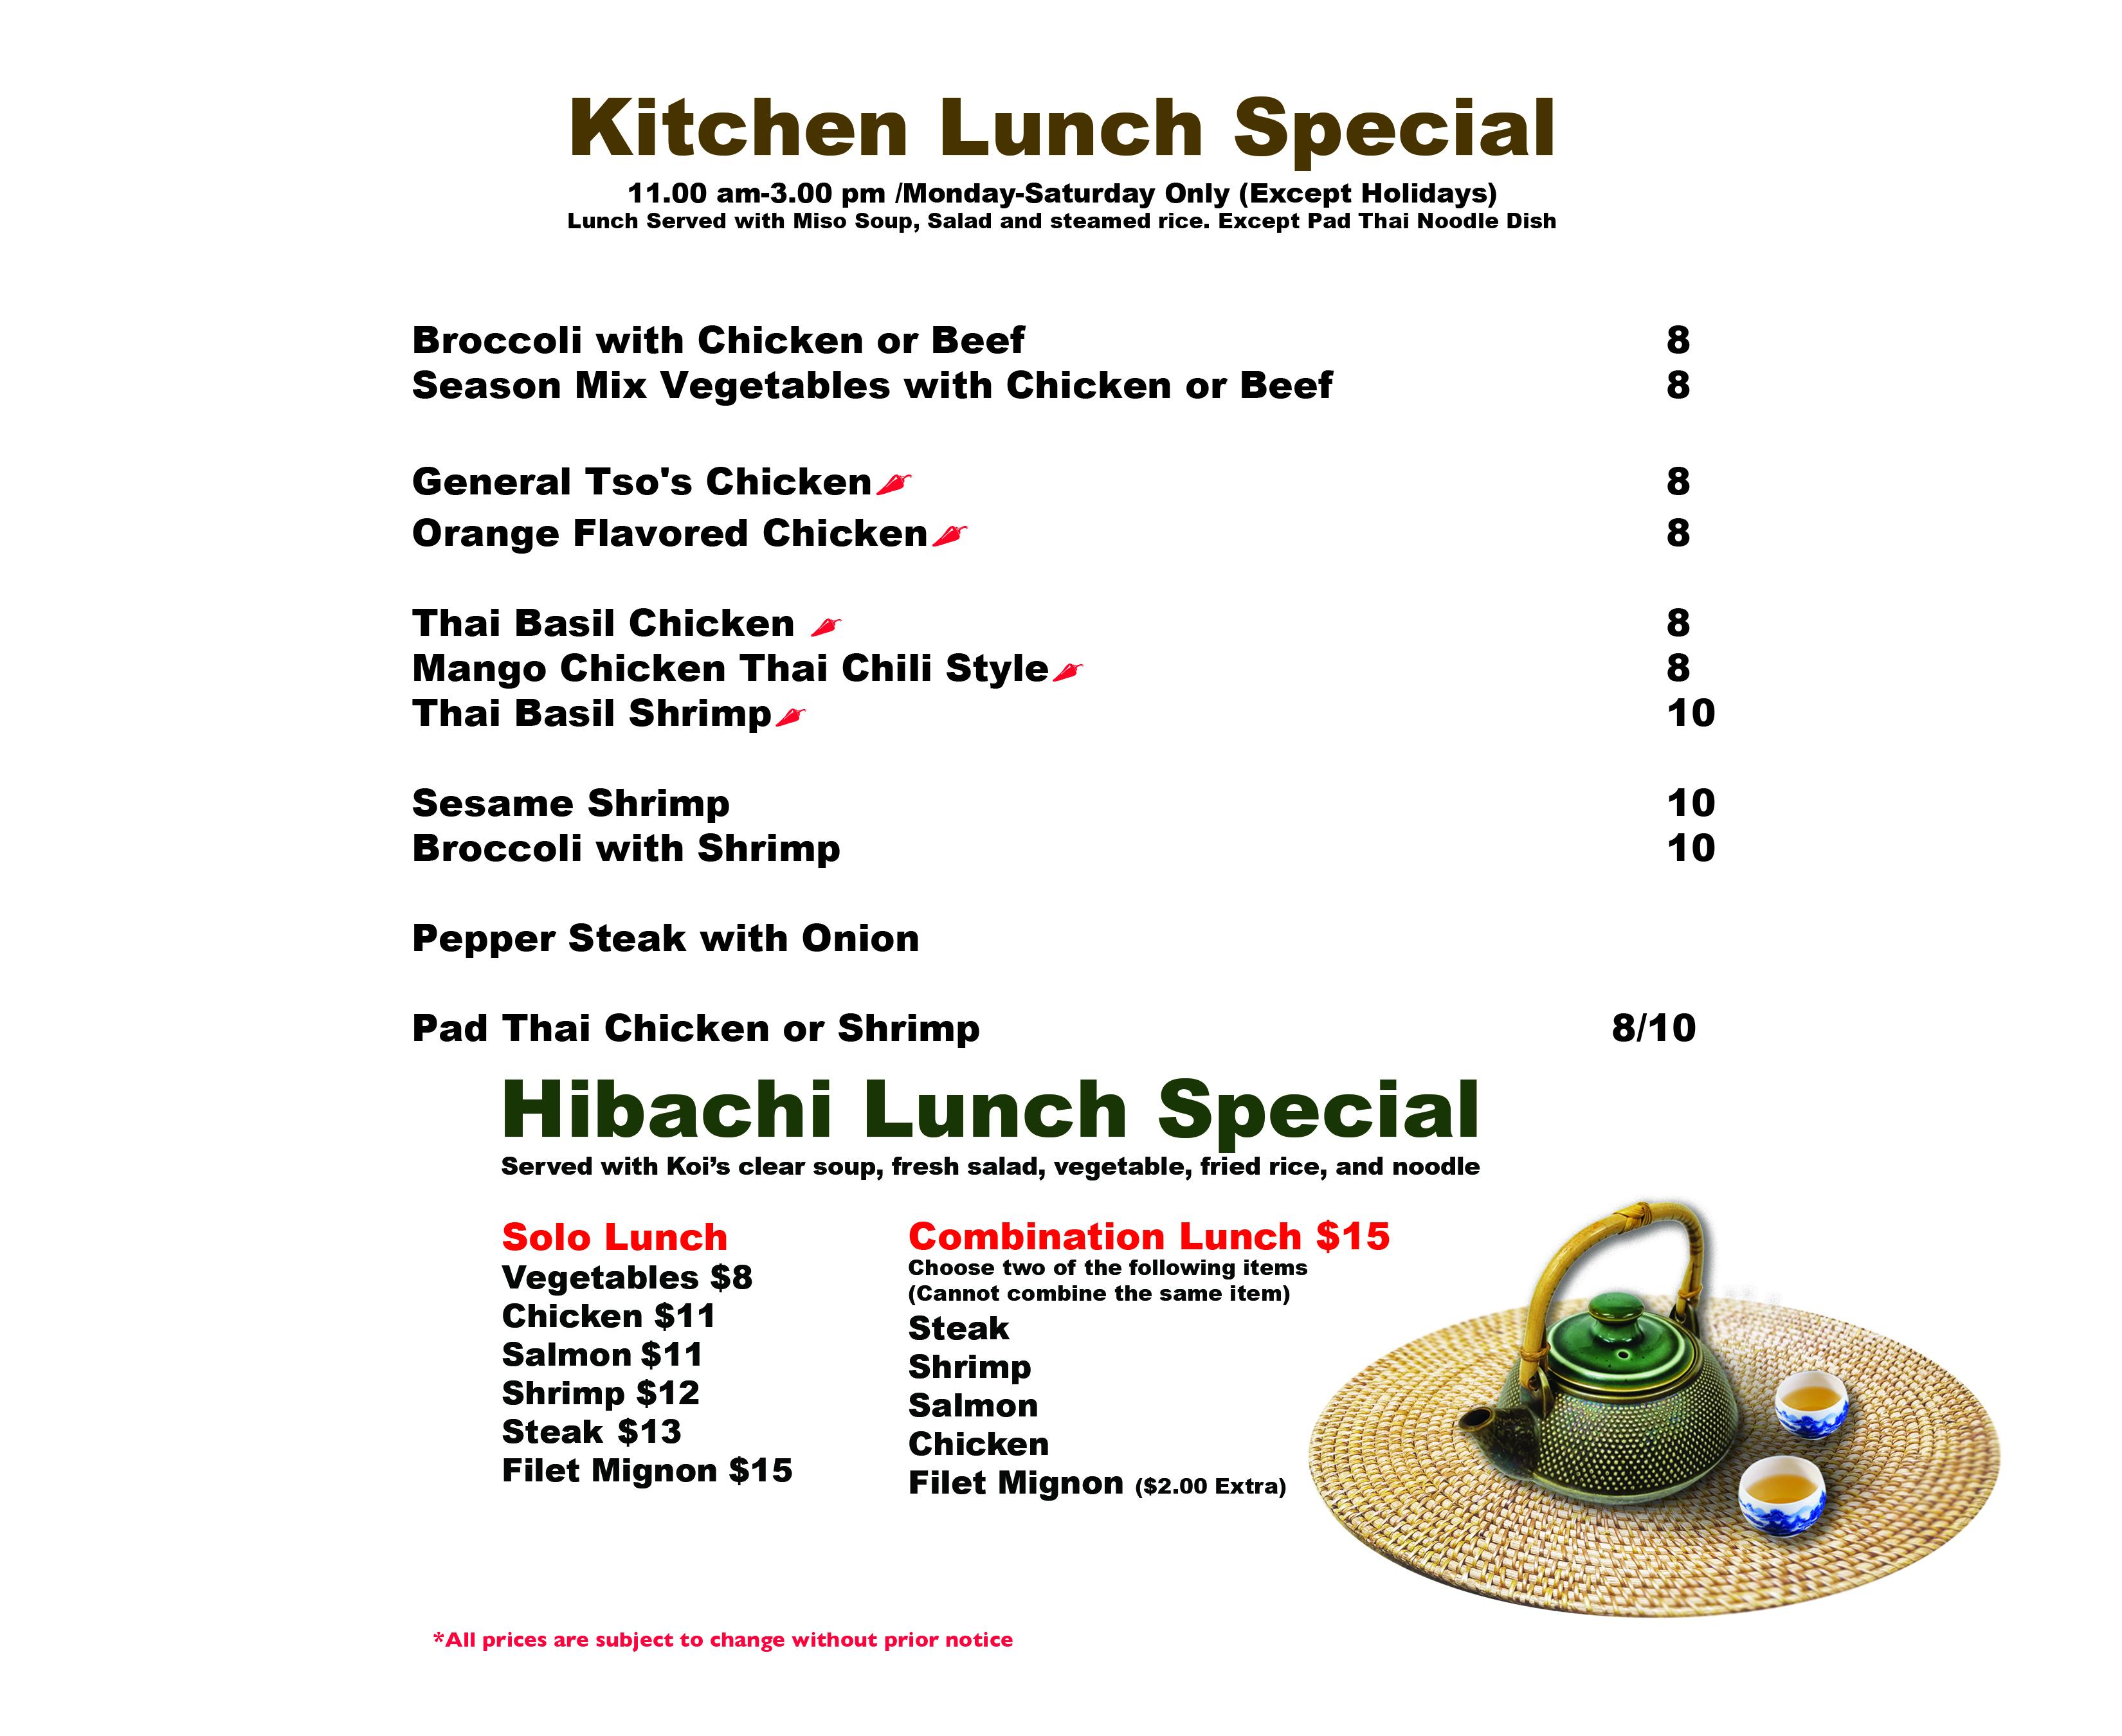 Koi Hibachi web site menu 22 copy